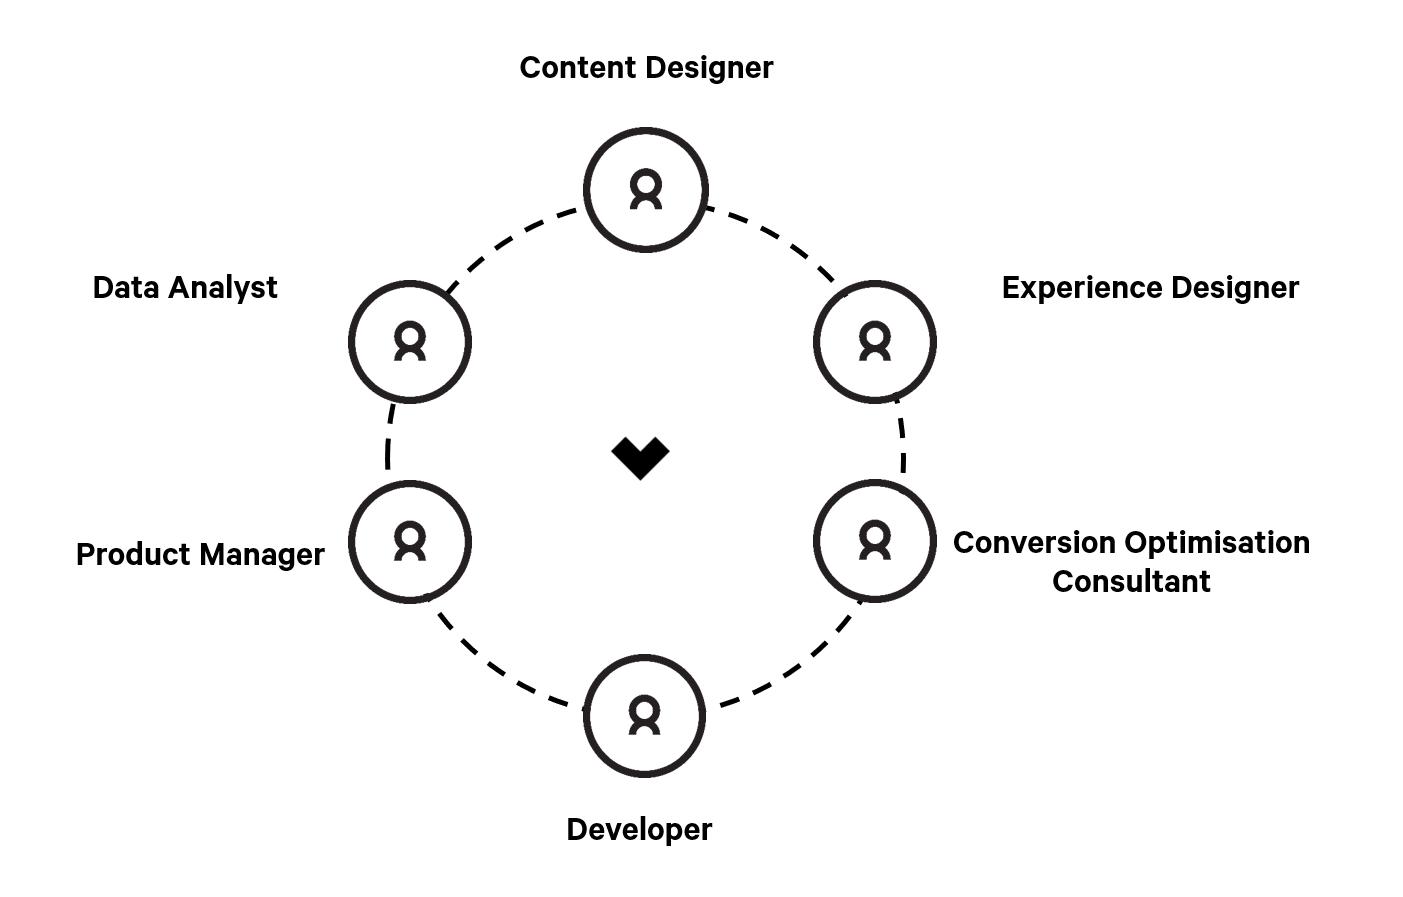 Content Designer diagram